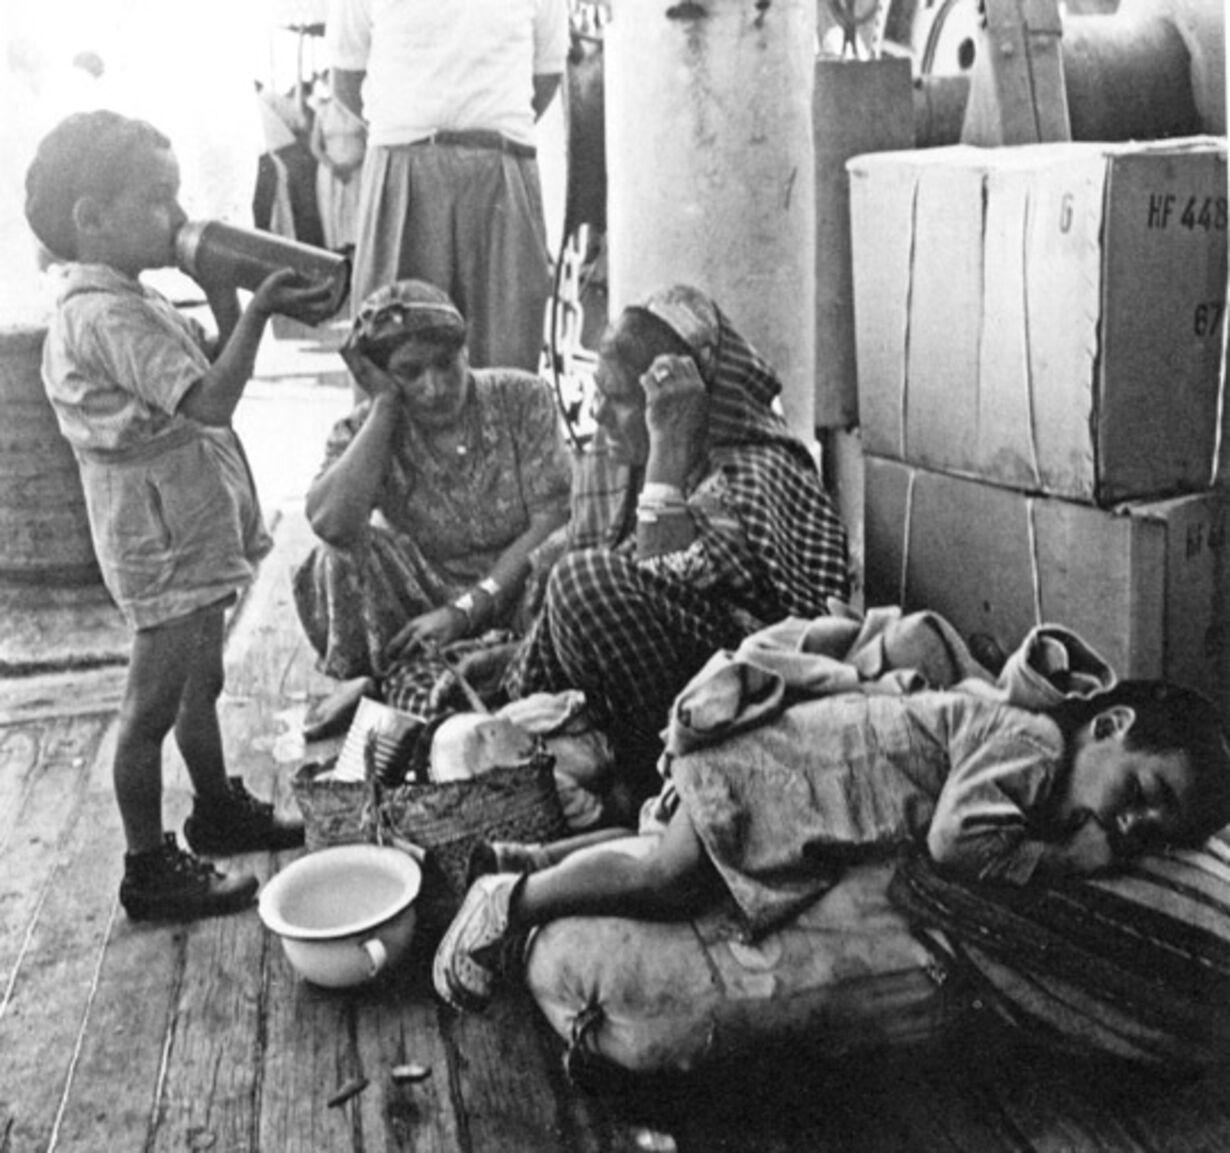 Vidne til det 20. århundredes lidelser - 9